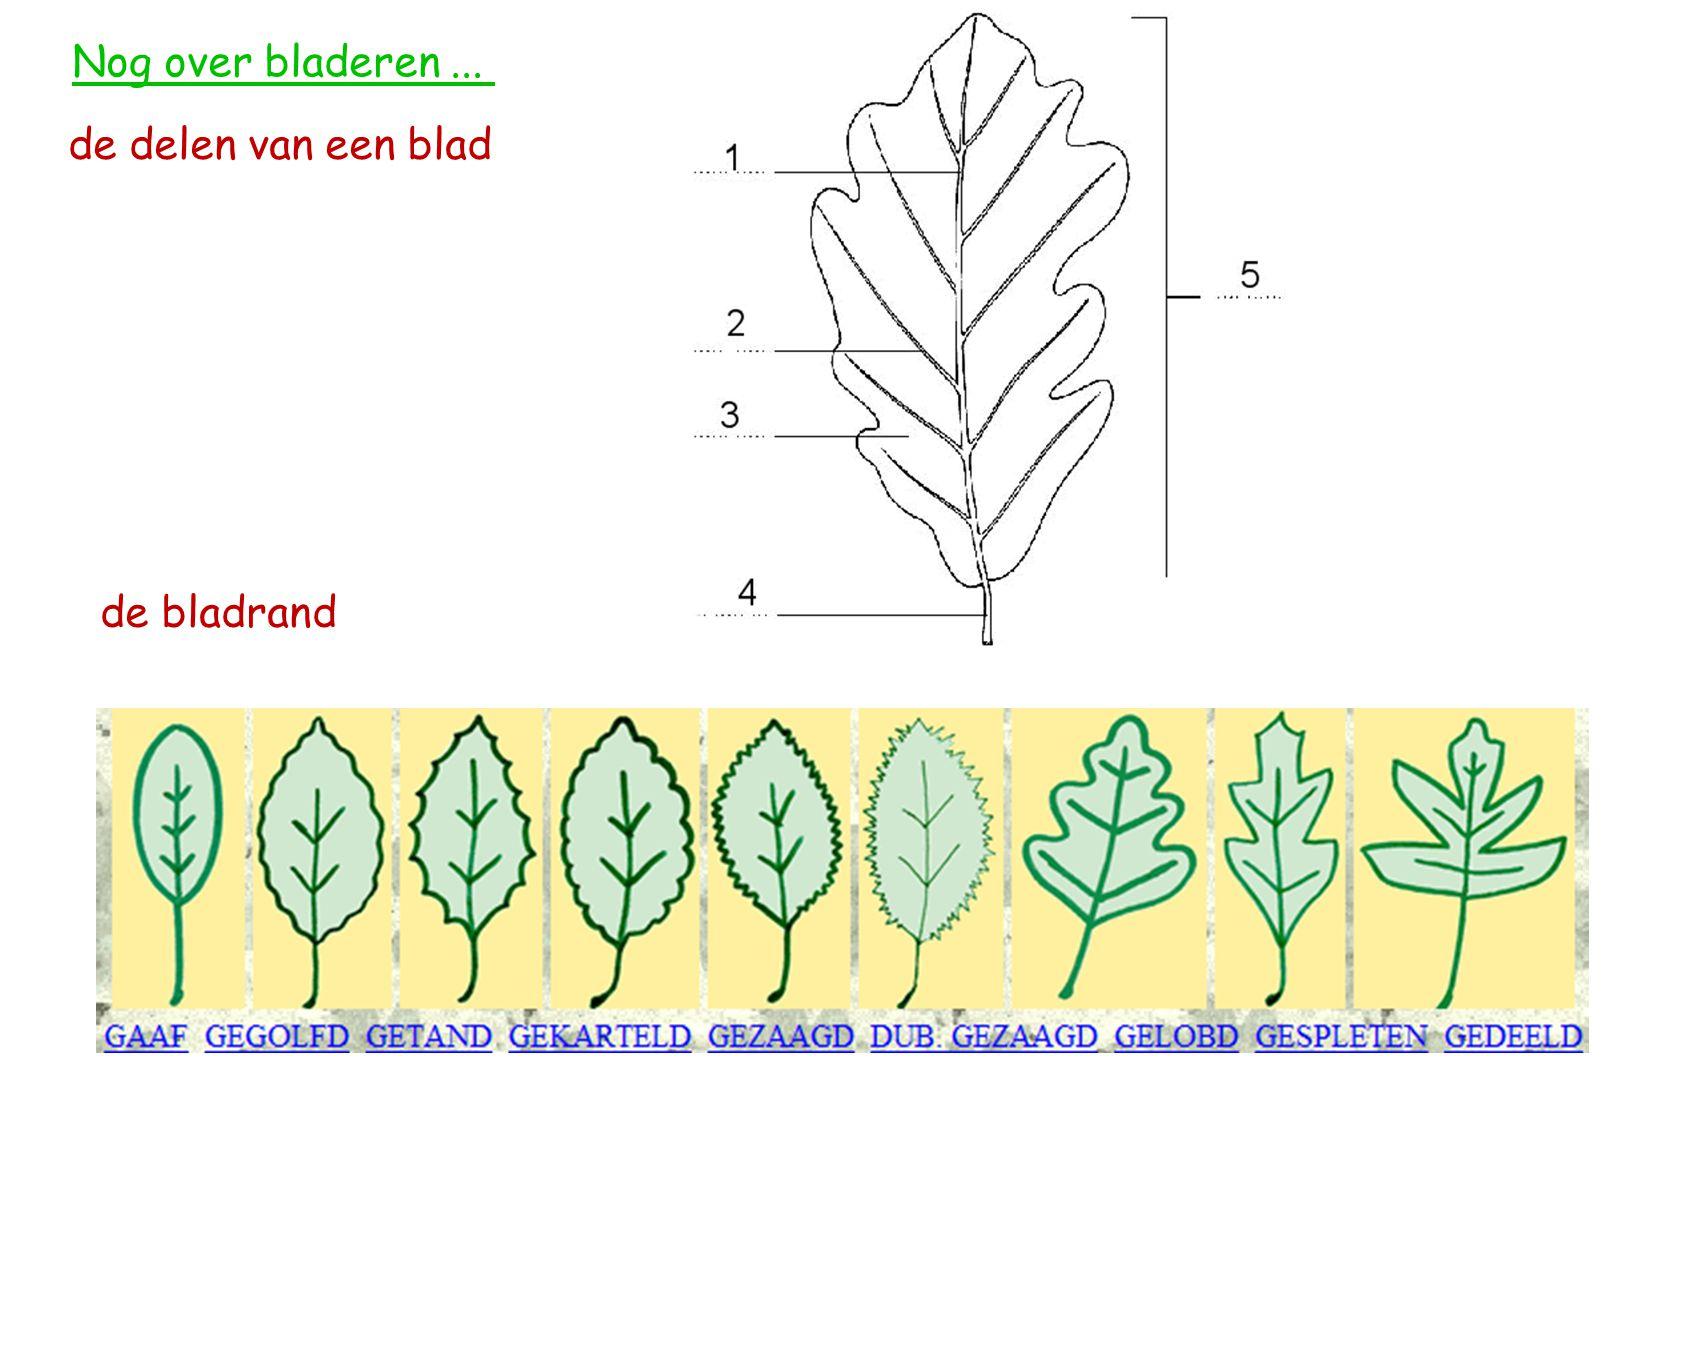 Nog over bladeren... de delen van een blad de bladrand